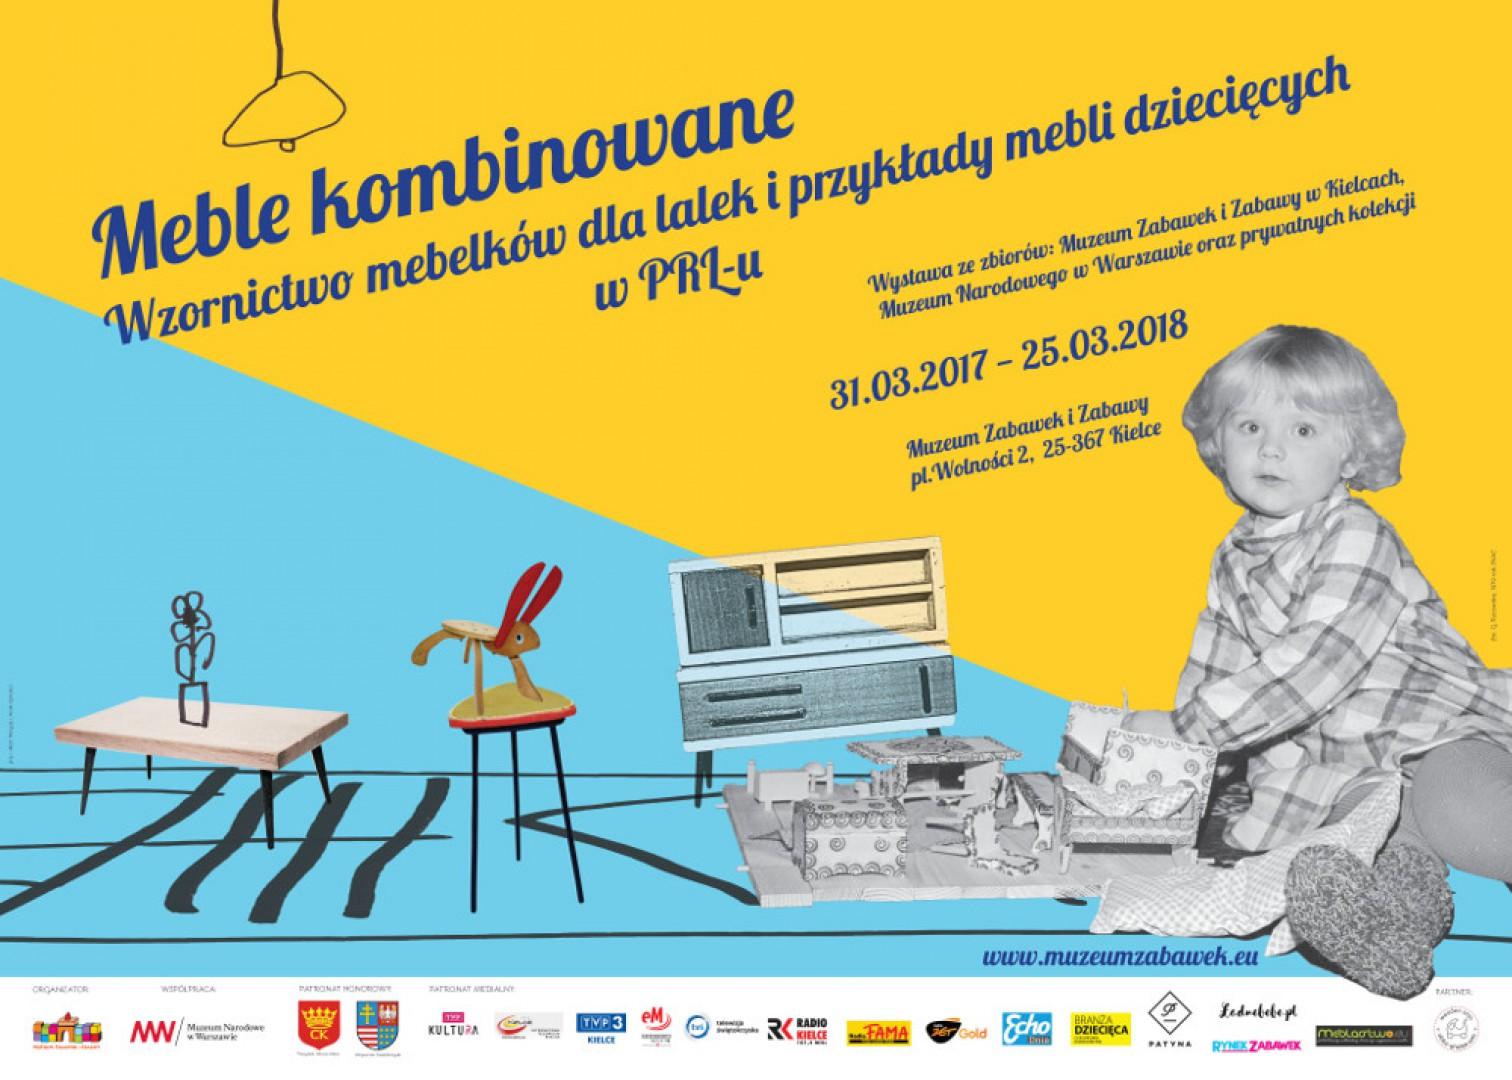 Wzornictwo Wystawa Mebli Dziecięcych I Projektów Z Czasów